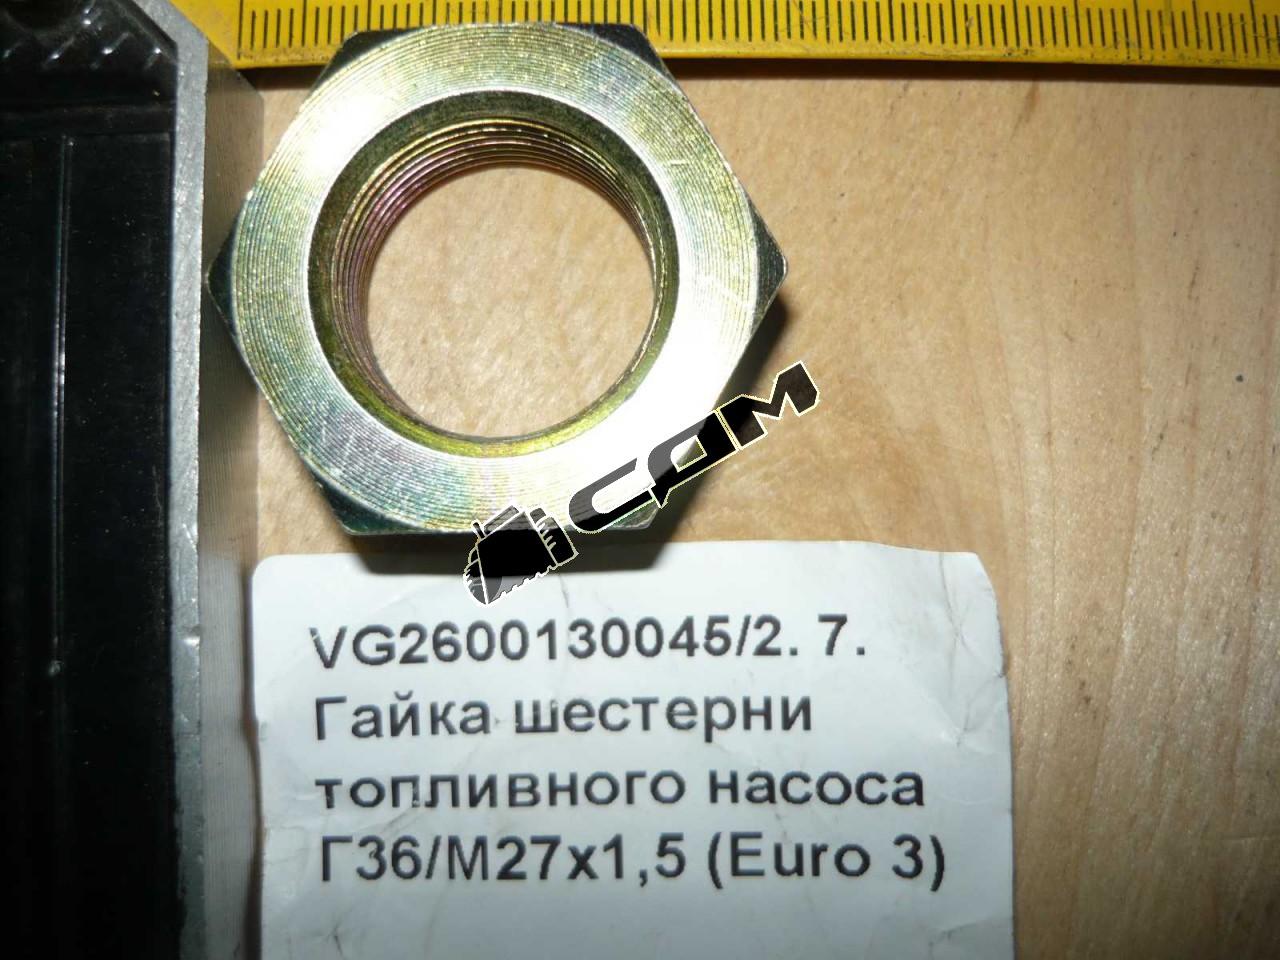 Гайка шестерни топливного насоса Г36/М27х1,5 (Euro 3)  VG2600130045